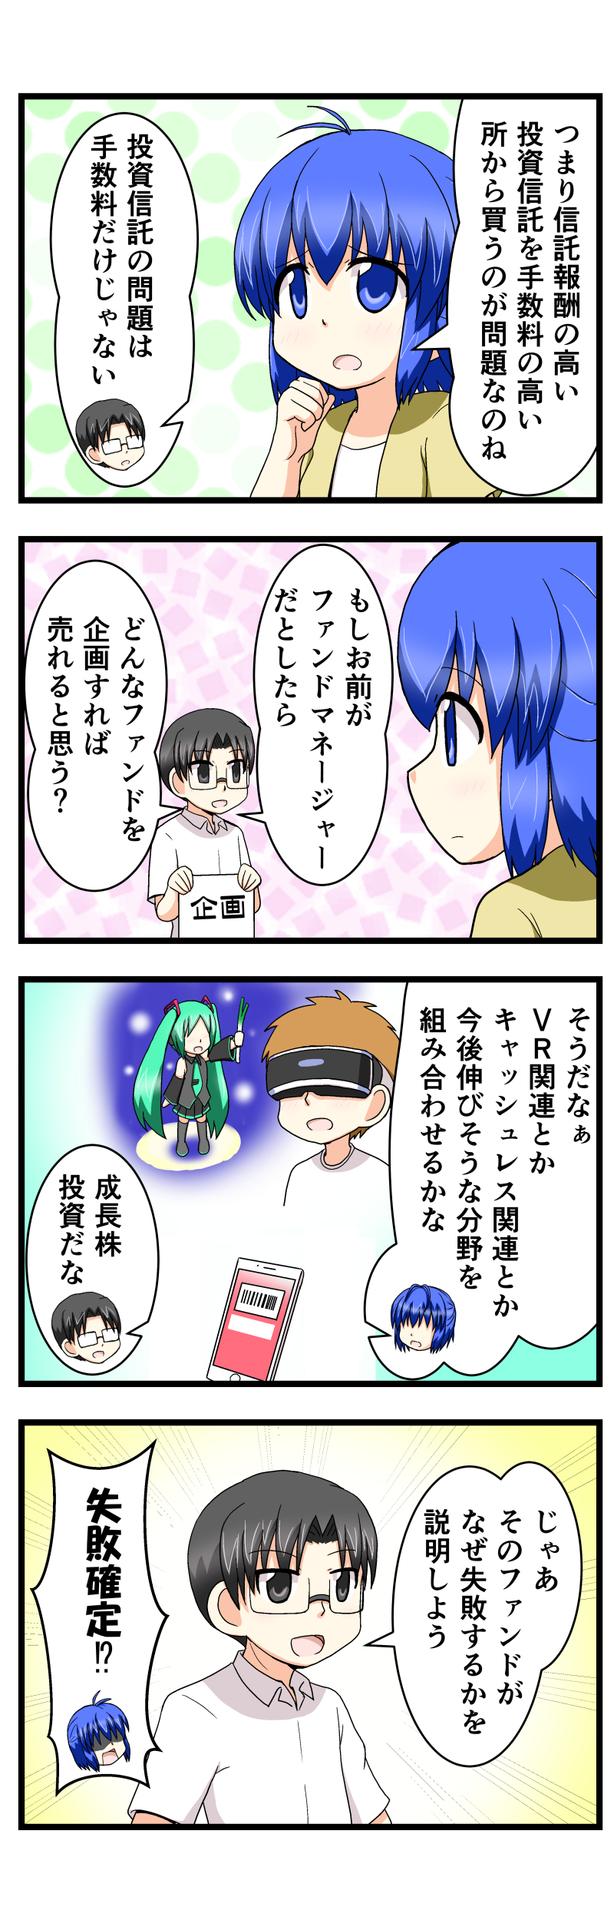 萌える株セミナー100.jpg